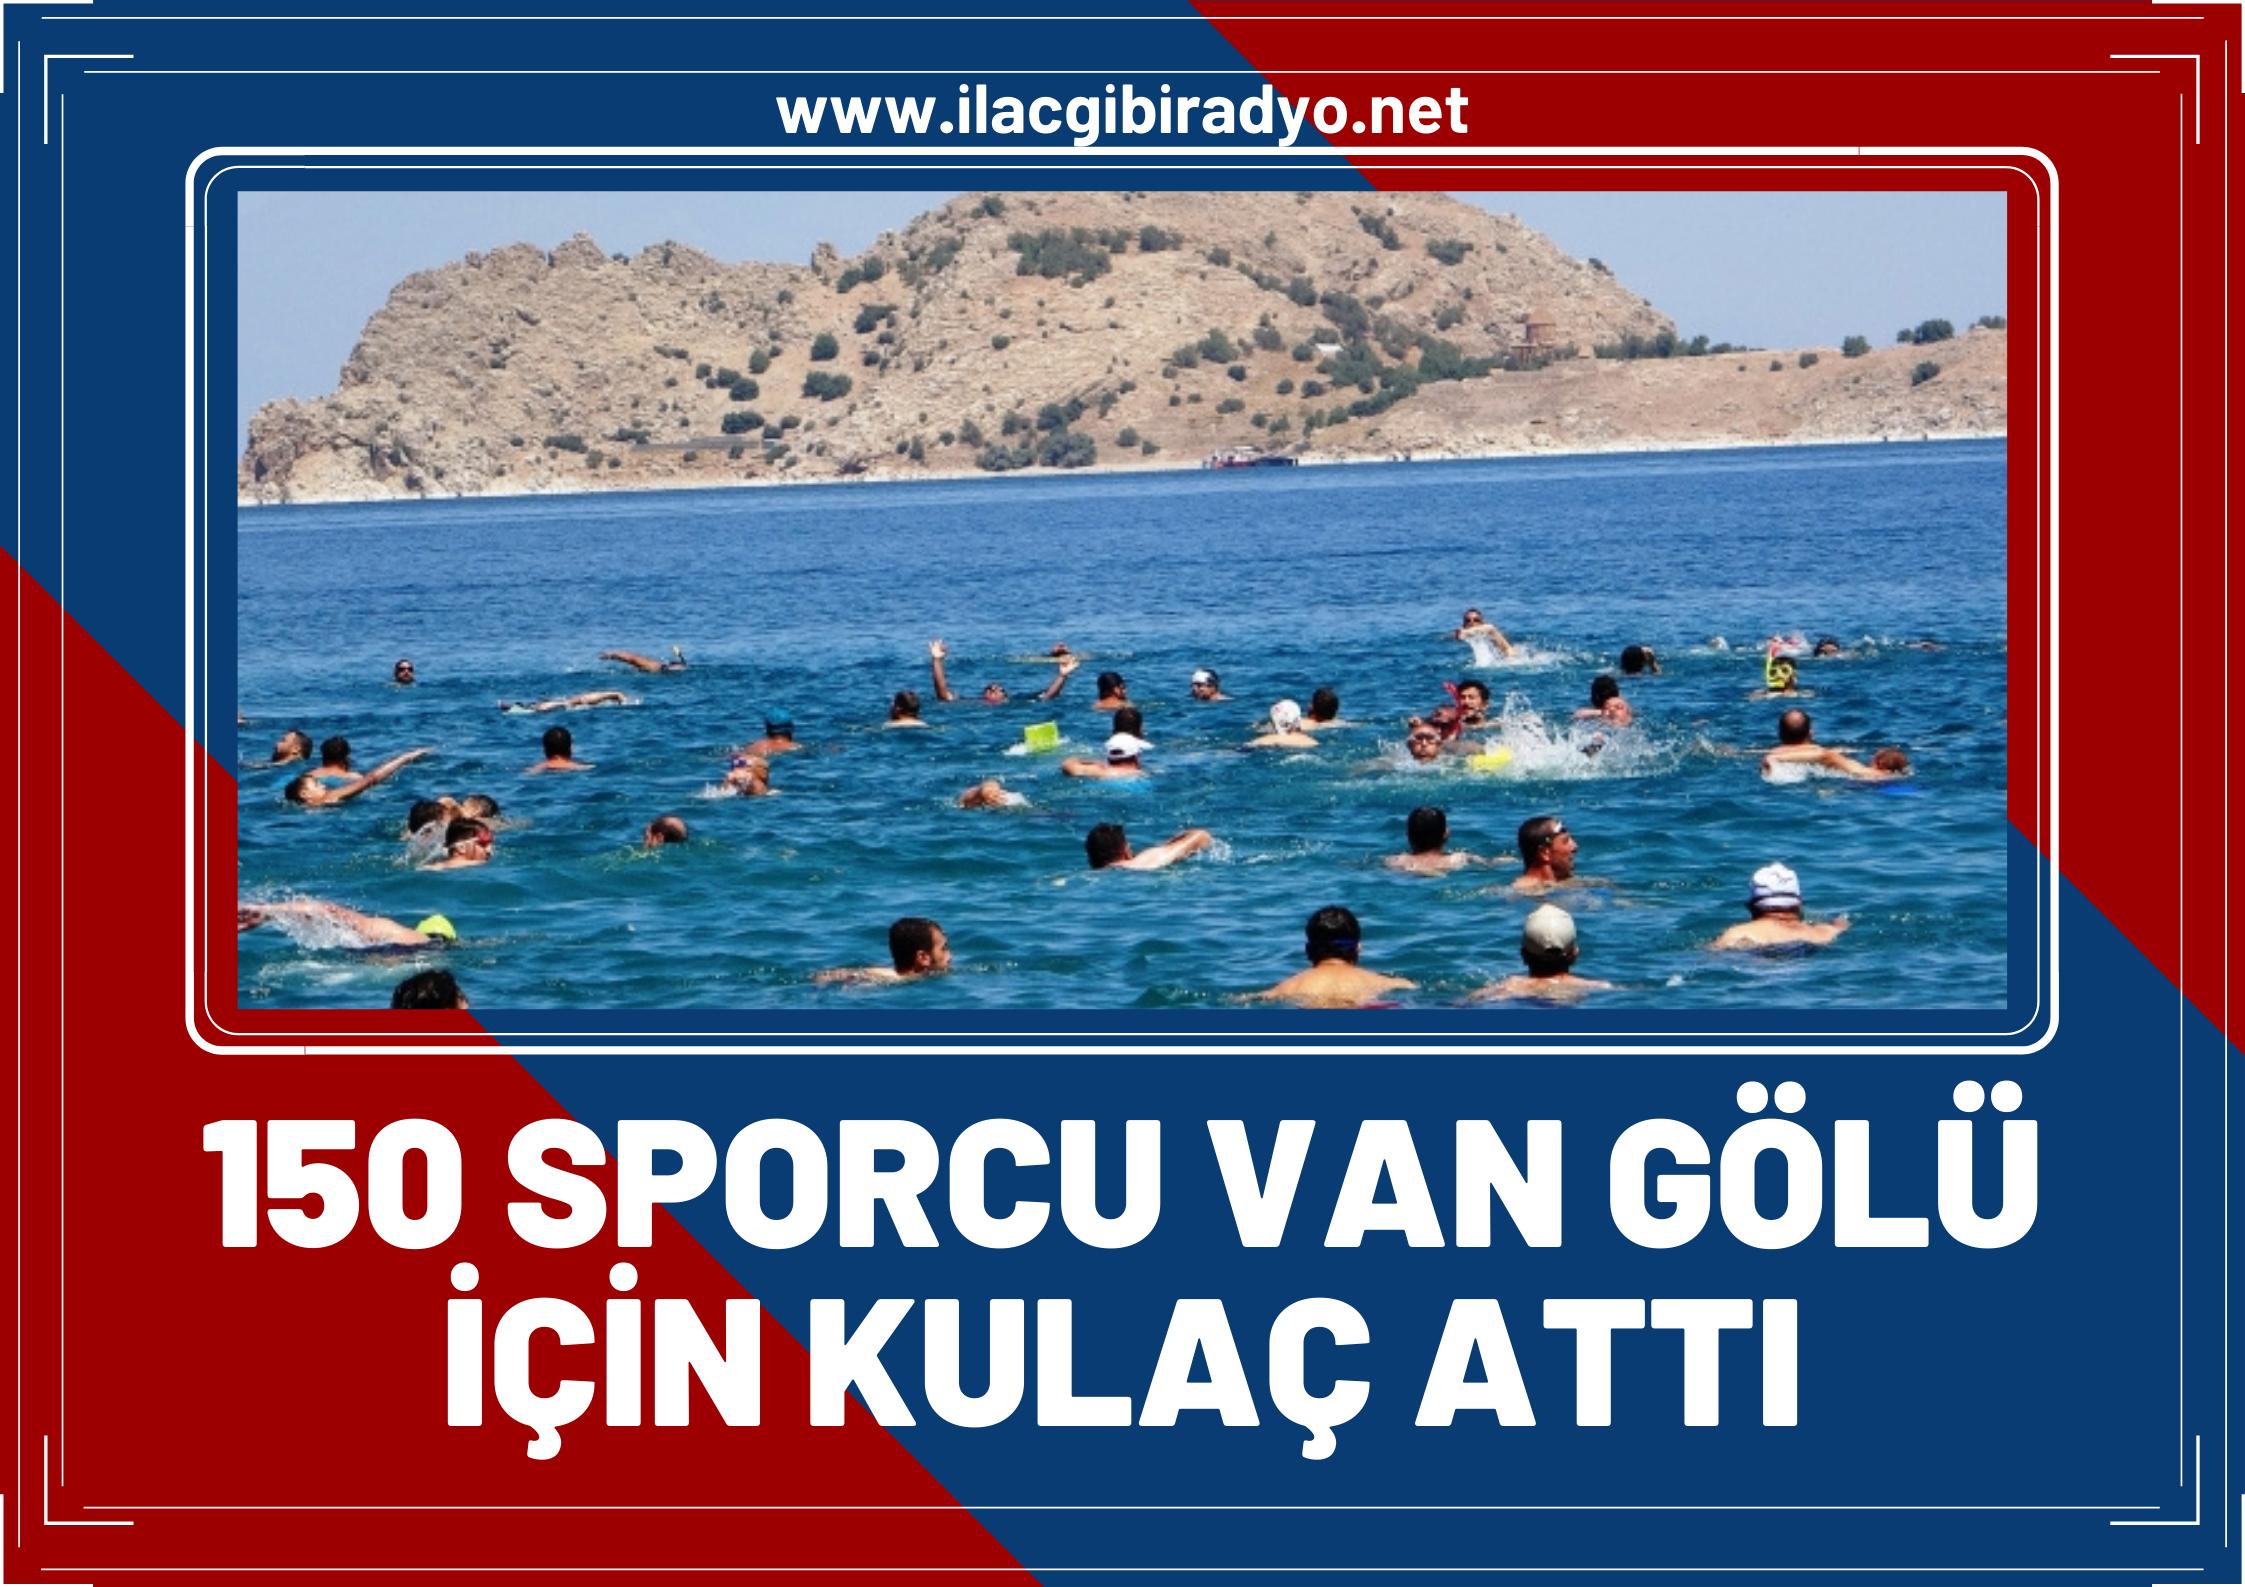 150 sporcu Van Gölü için kulaç attı